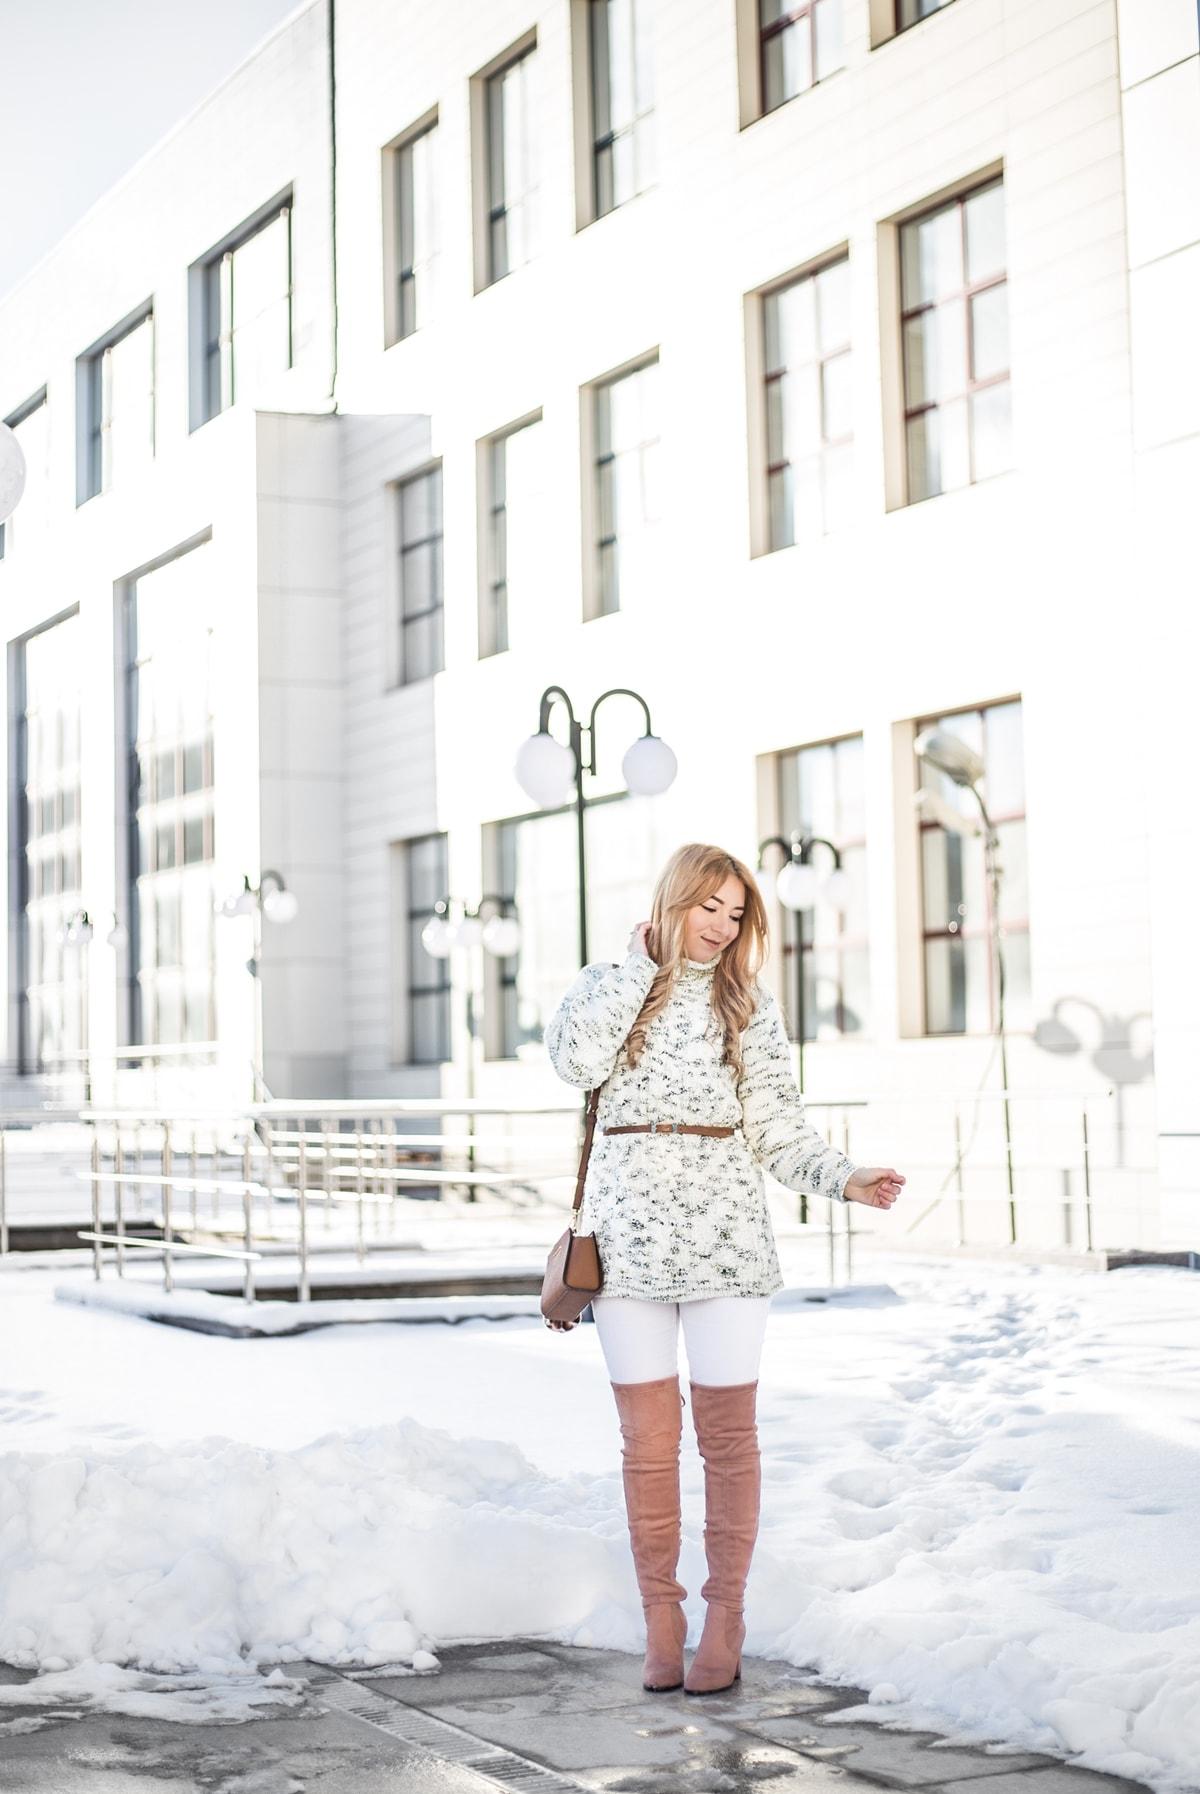 cum purtam cizmele peste genunchi iarna, nude, pantaloni albi, blugi, pulover oversized cu curea in talie